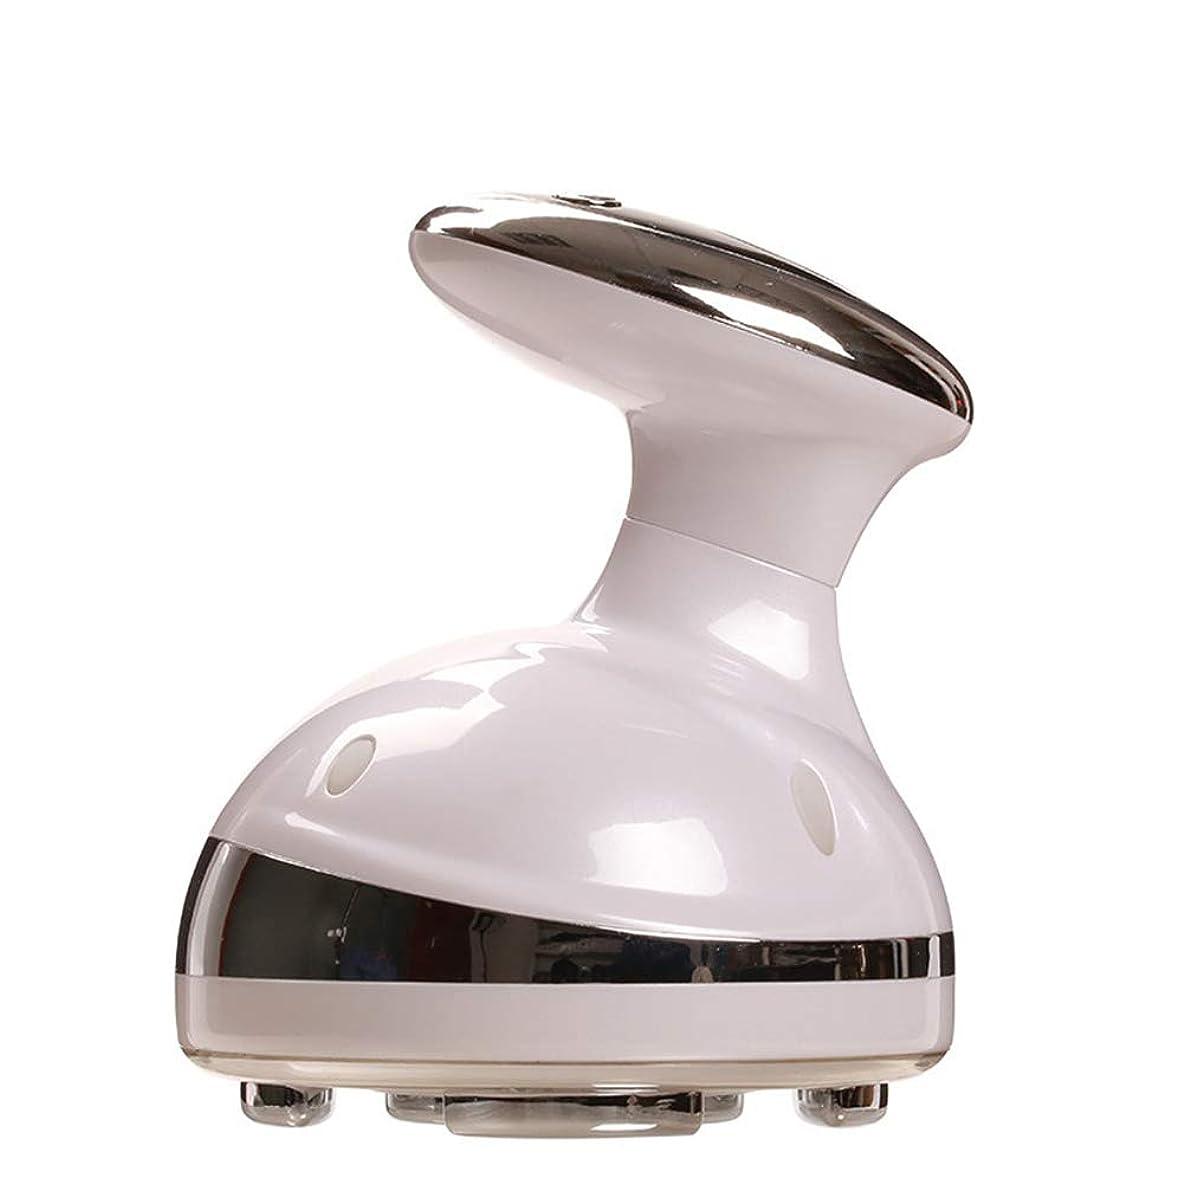 心理学シーケンス知人GQSZ脂肪除去キャビテーション美容機HD LCDレッドライトRFセラピーボディシェーピング超音波マッサージ減量ボディスリミングスキン引き締め,White